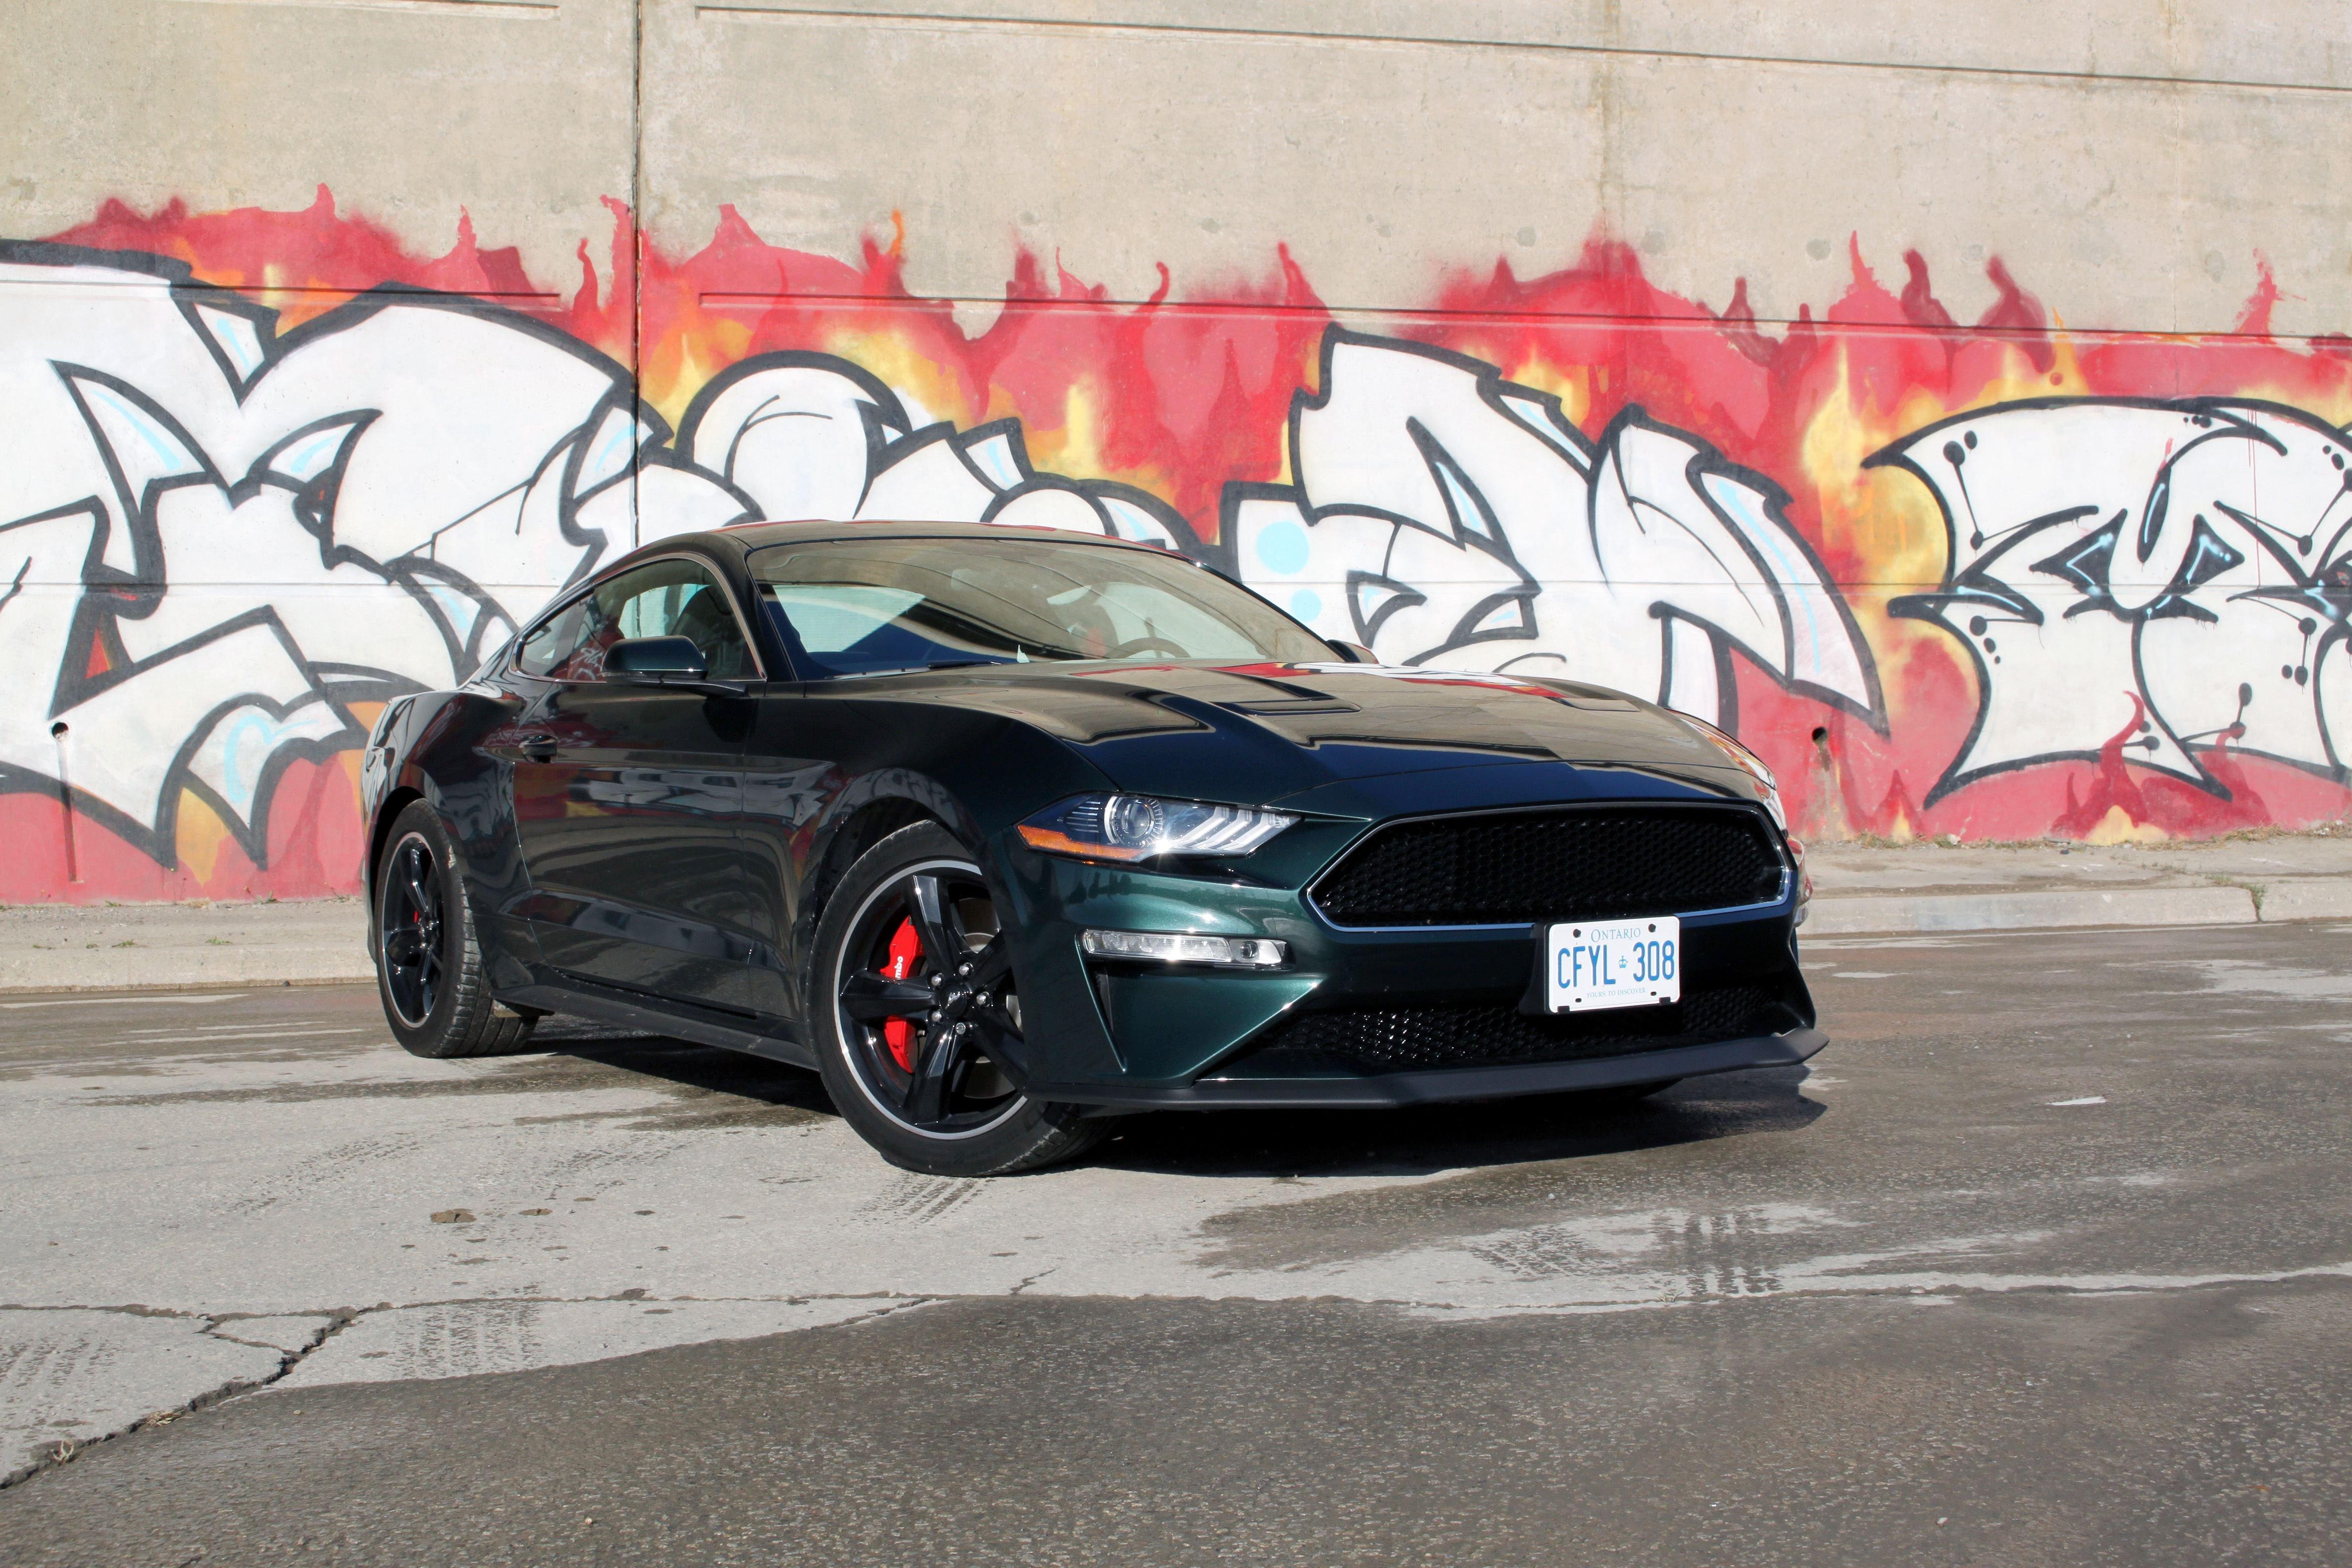 Bullitt Time: Tracking the History of the Bullitt Mustang